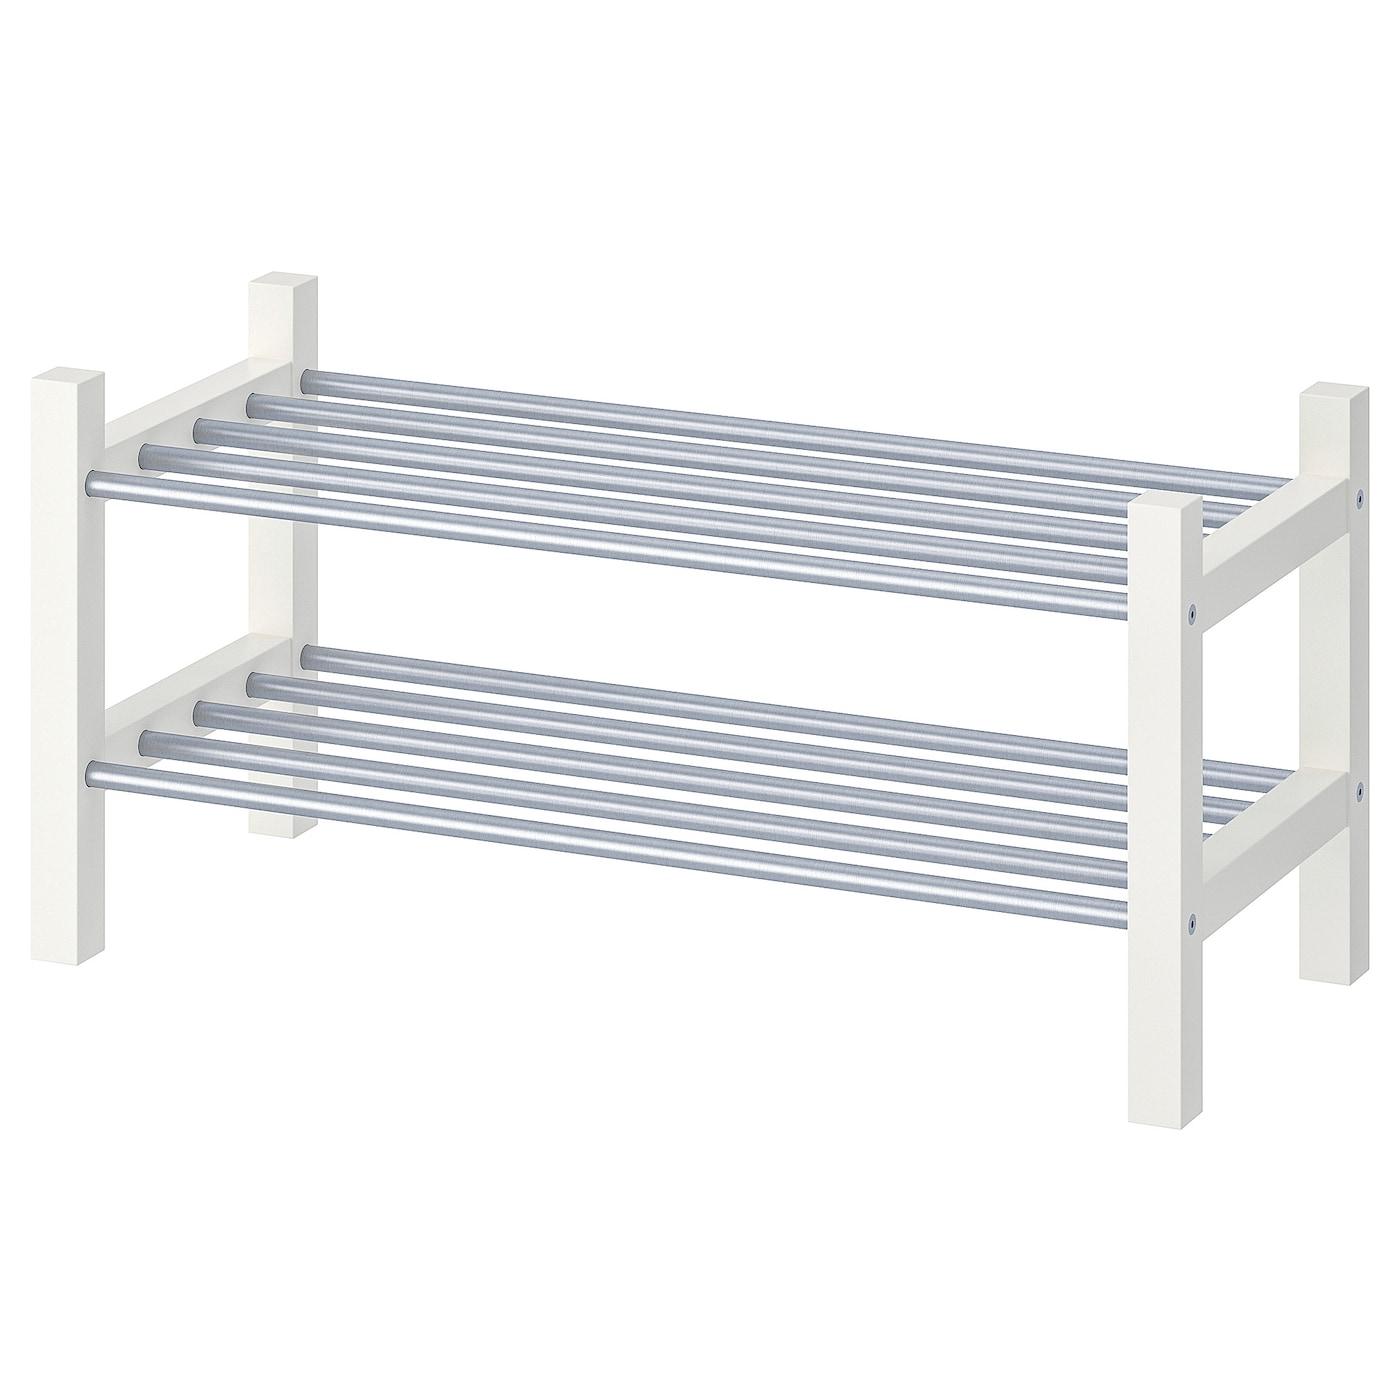 Schoenenrek Hout Wit.Tjusig Schoenenrek Wit 79 Cm Ikea